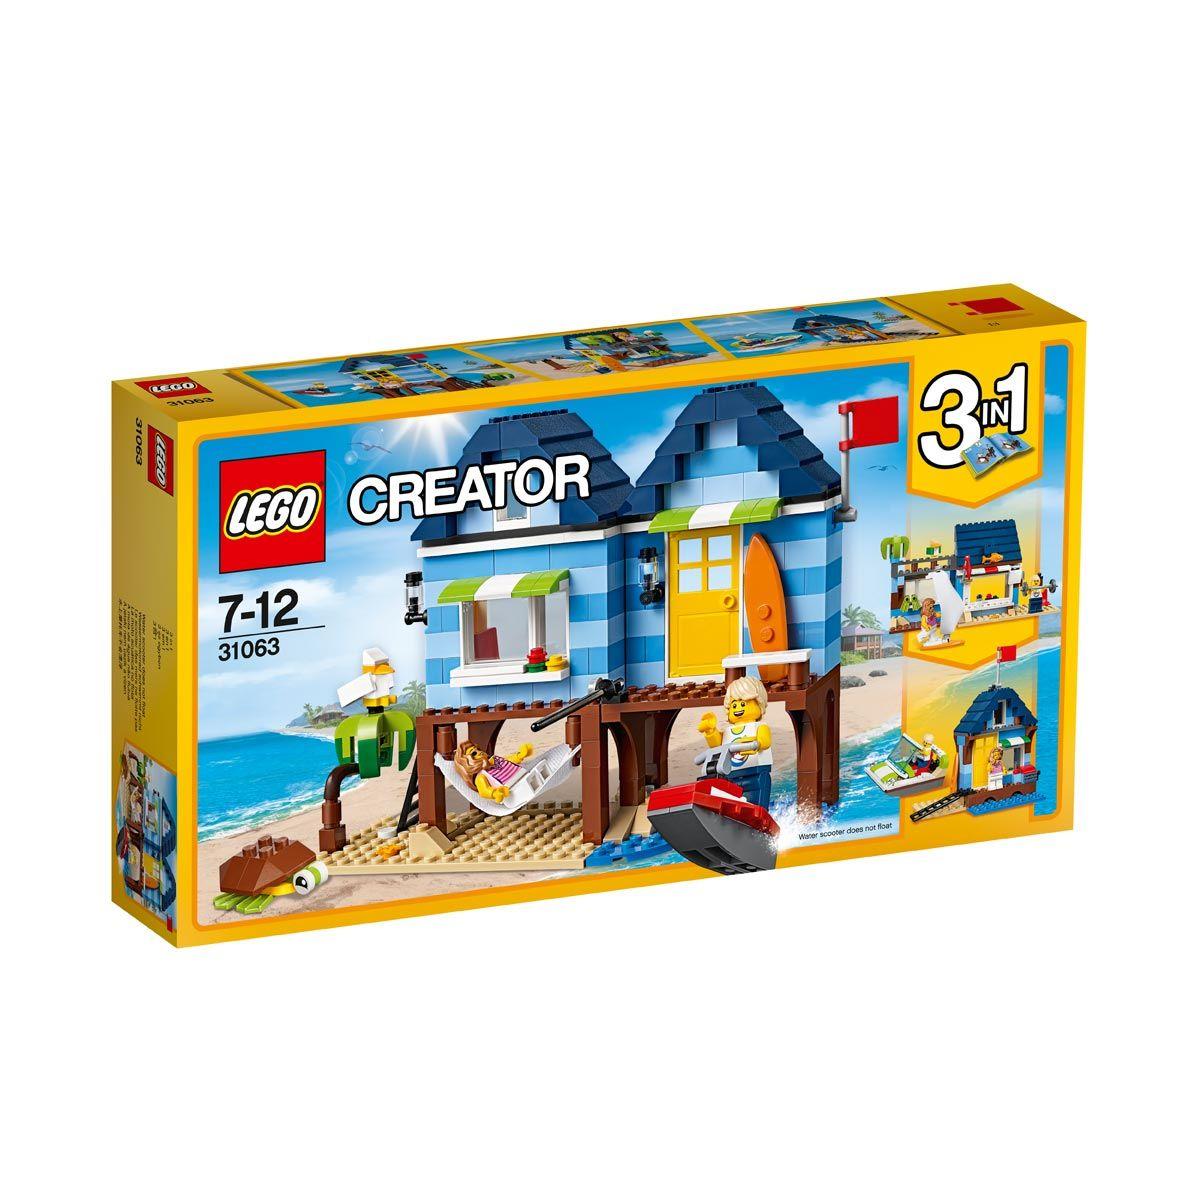 dc60a70f9782e 31063 Les vacances à la plage Lego pour enfant de 4 ans à 8 ans - Oxybul  éveil et jeux